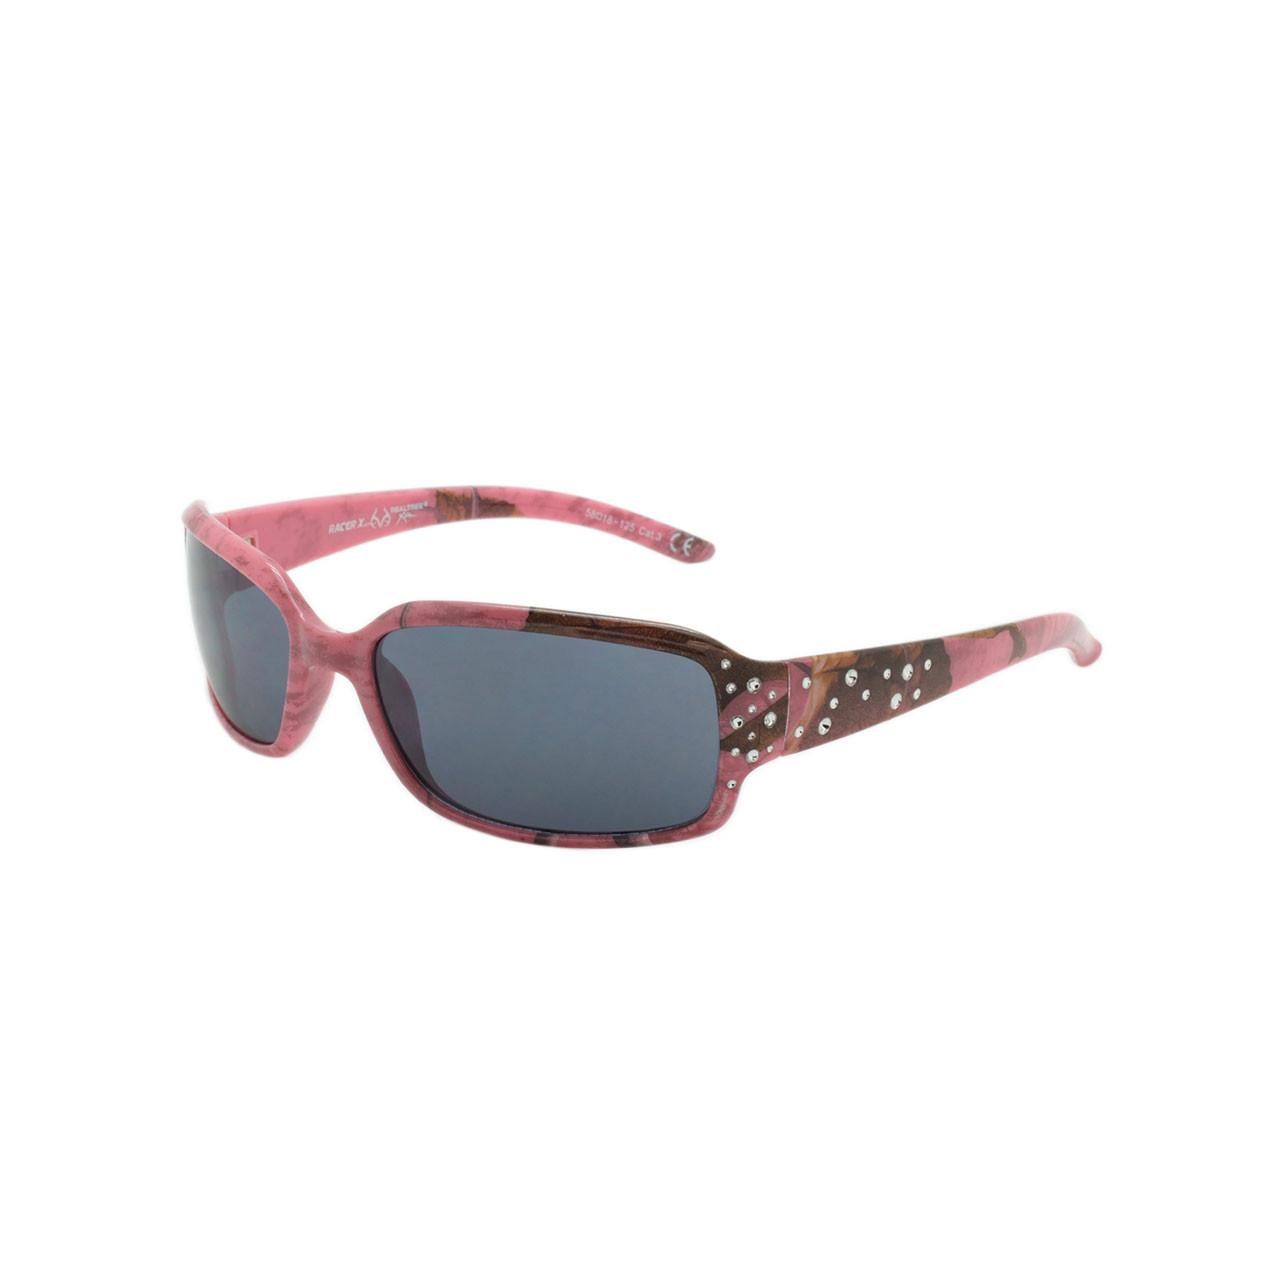 6f6be7da1ad Ladies RacerXX RealTree Pink Camo Sunglasses